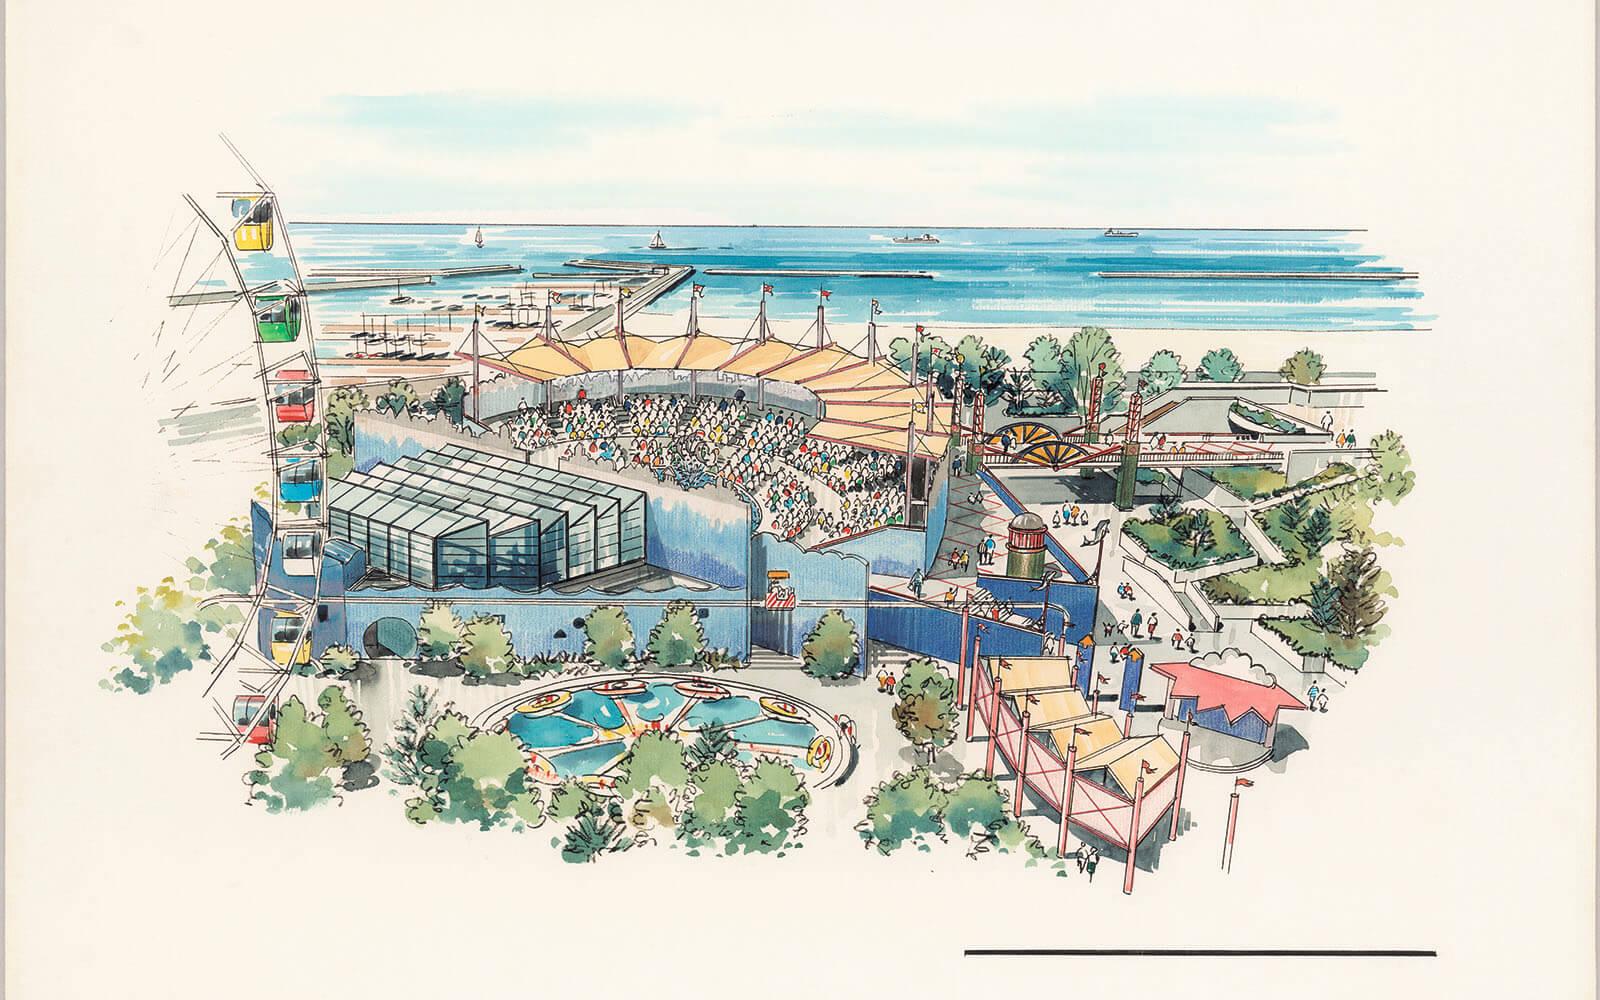 イルカライブ館の完成イメージ図